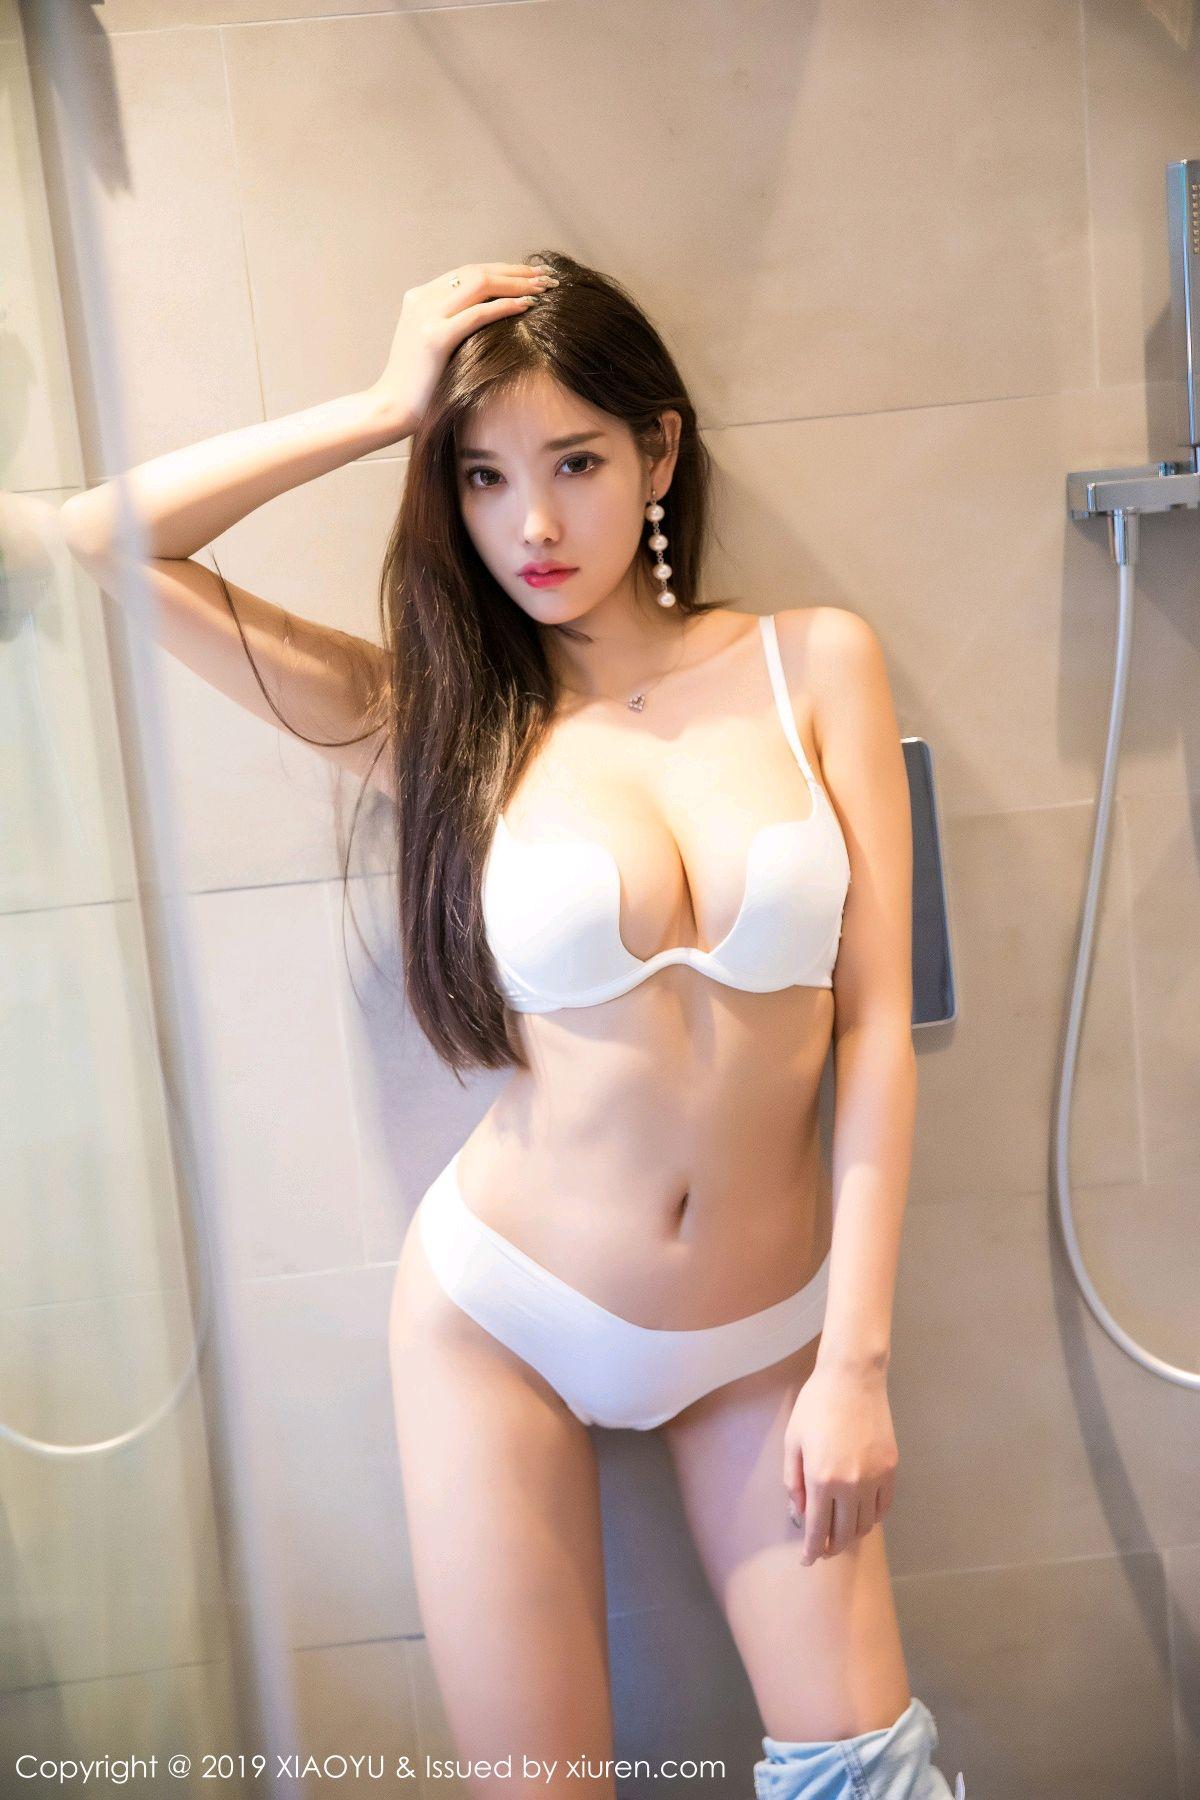 [XiaoYu] Vol.109 Yang Chen Chen 23P, Underwear, XiaoYu, Yang Chen Chen